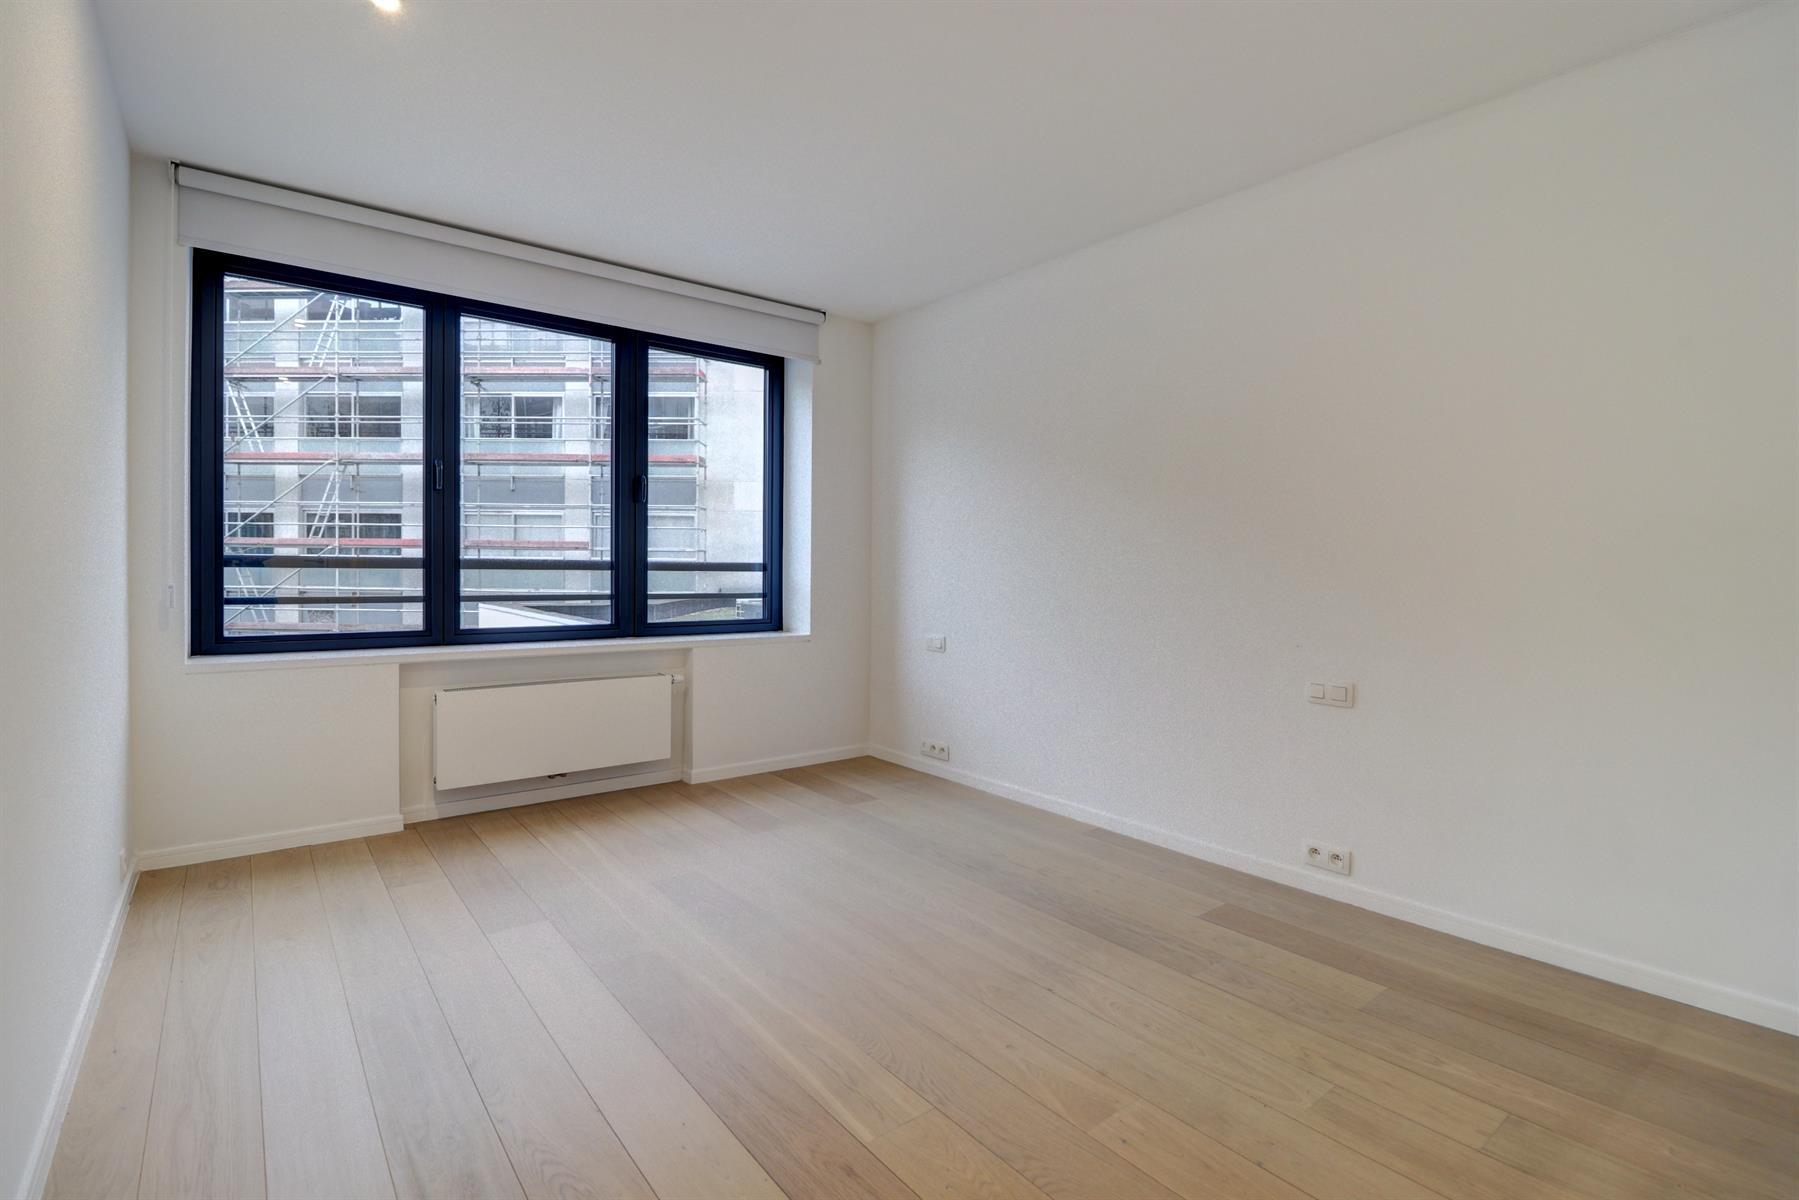 Appartement - Bruxelles - #4264774-30